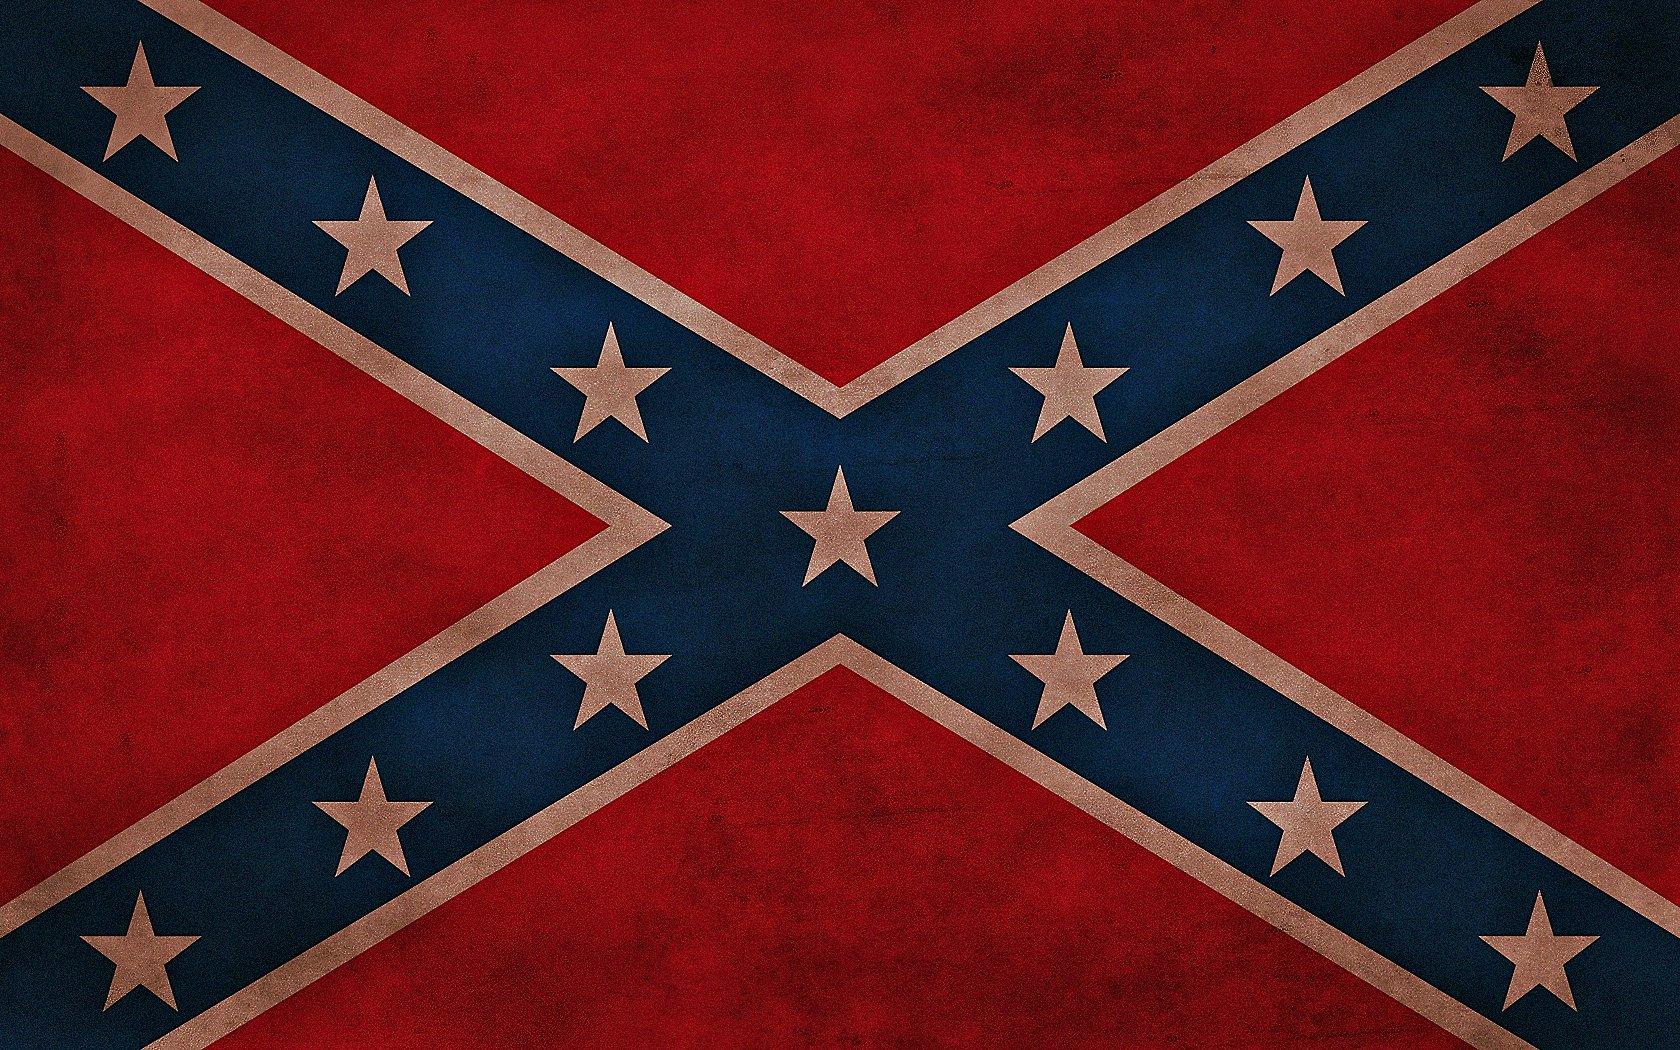 confederate flag wallpaper hd